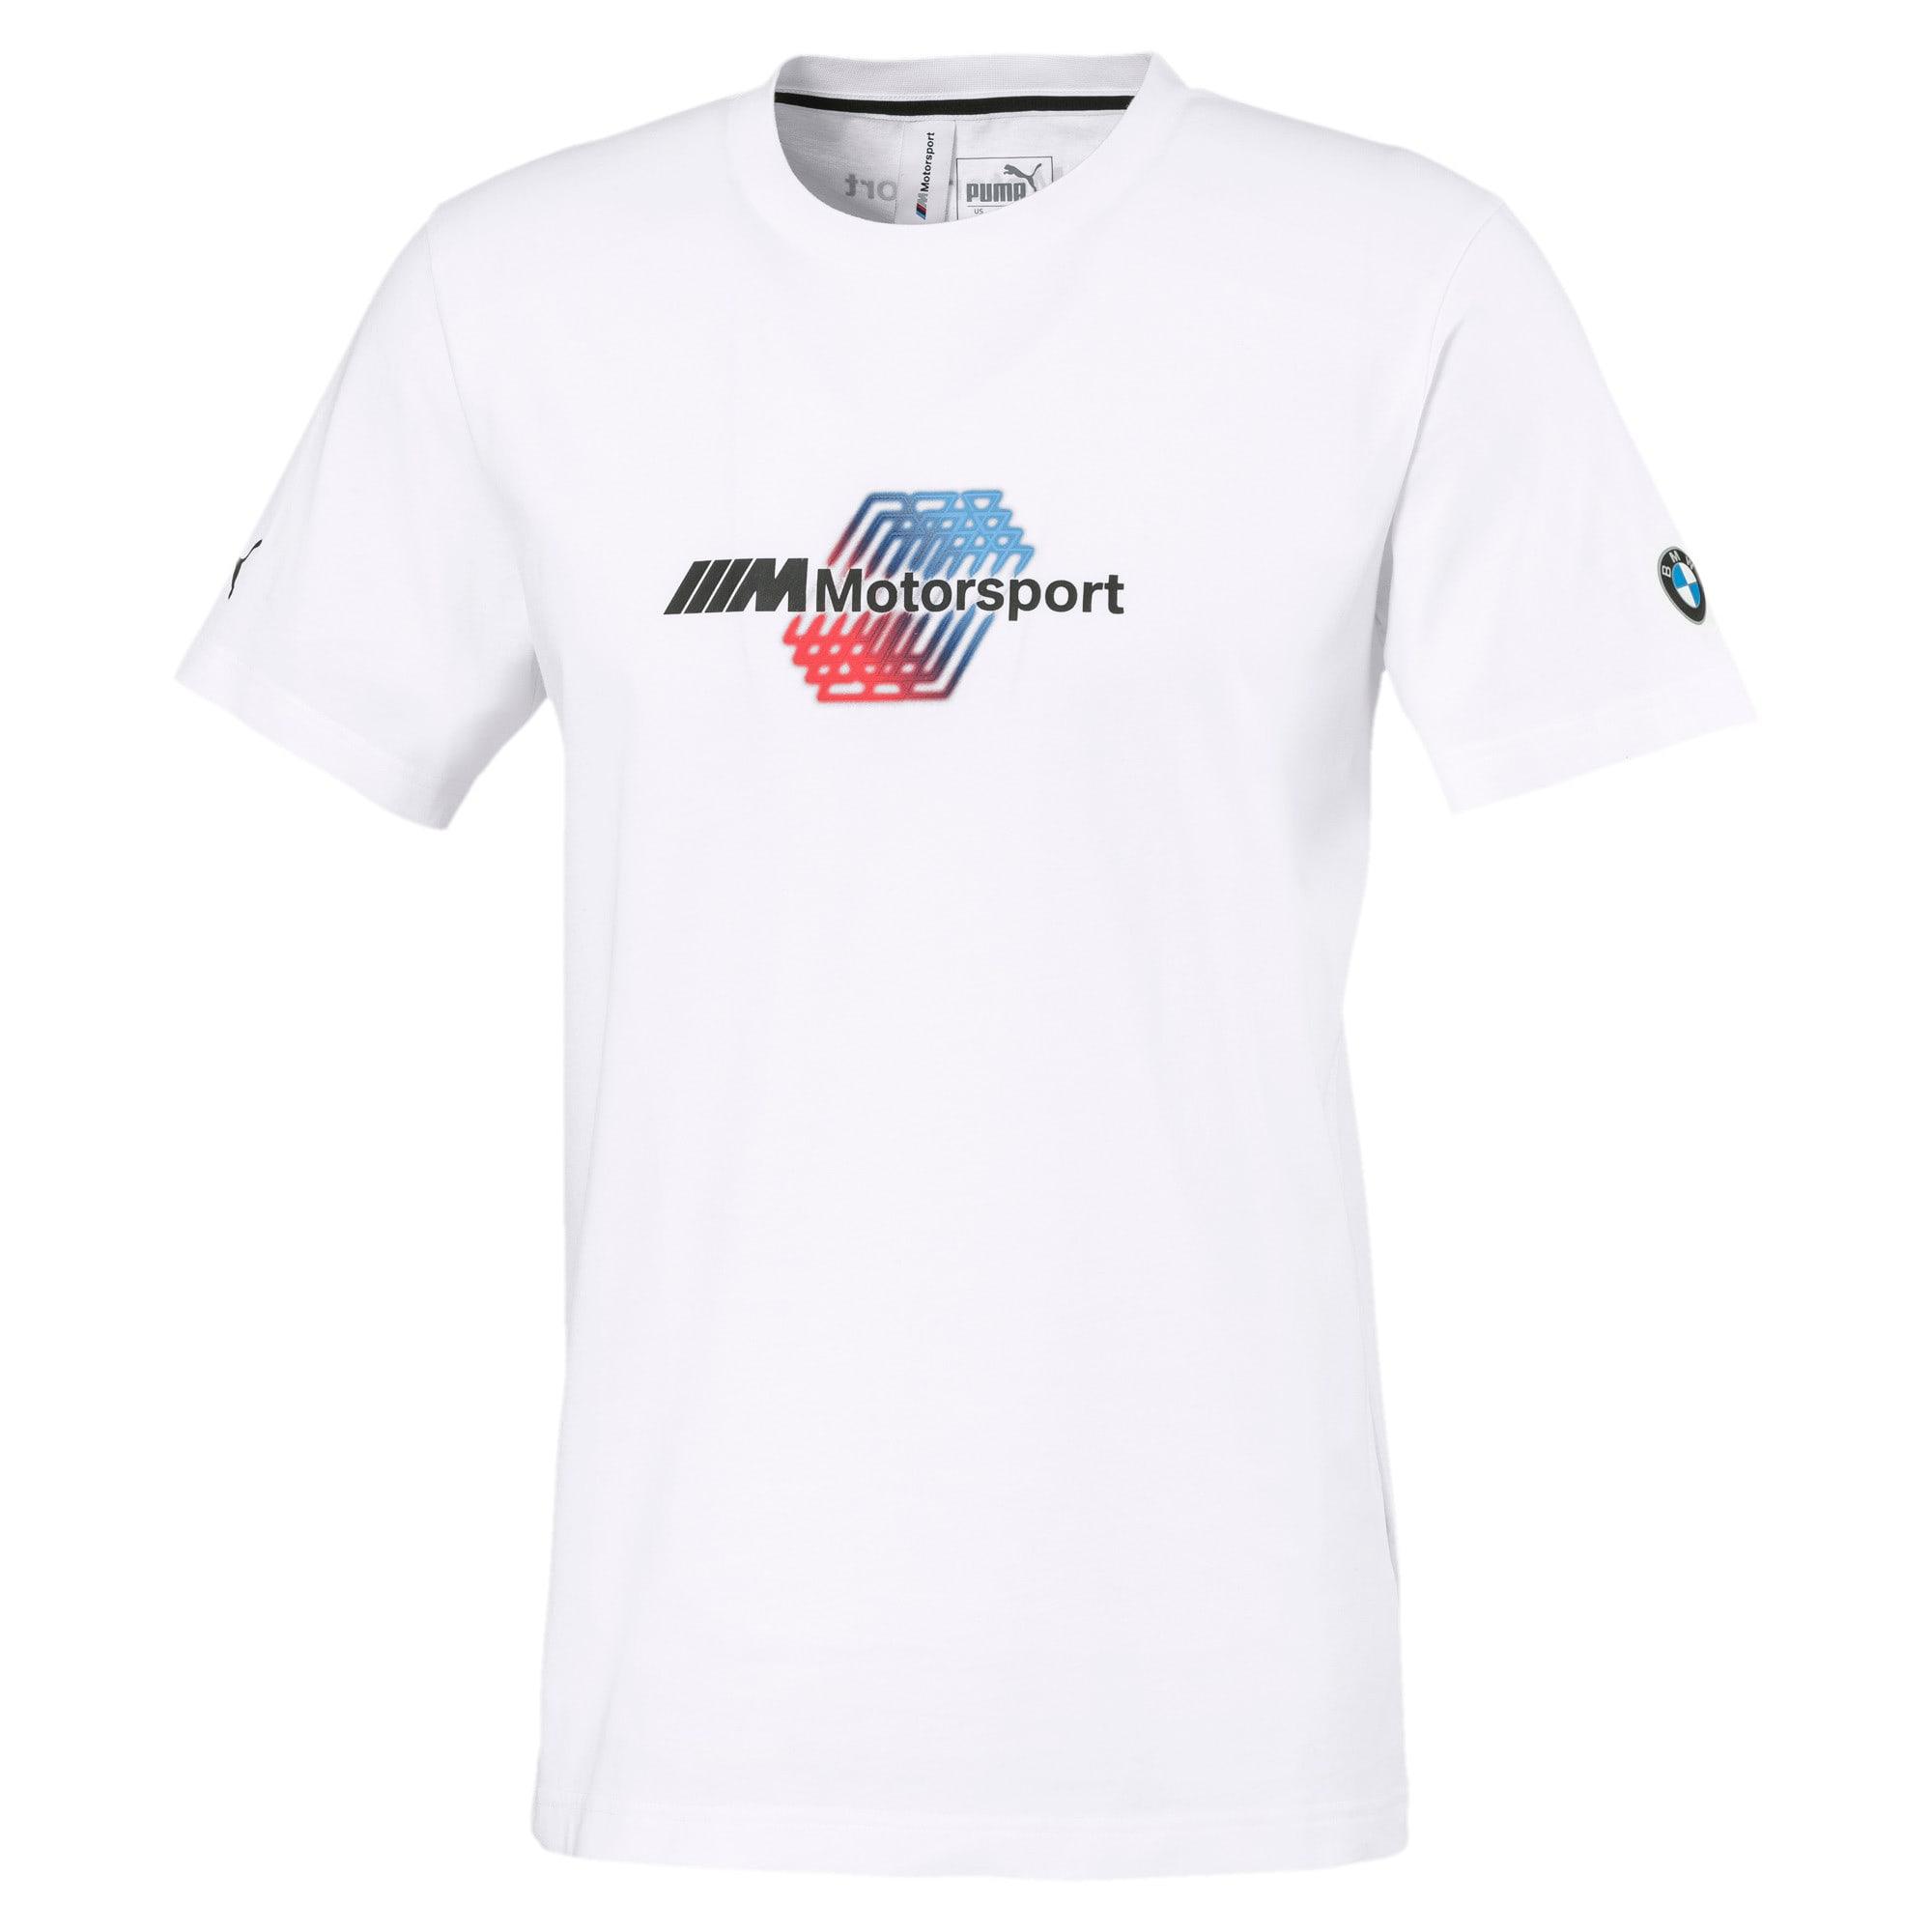 Thumbnail 4 of BMW M Motorsports logo-T-shirt voor heren, Puma White, medium